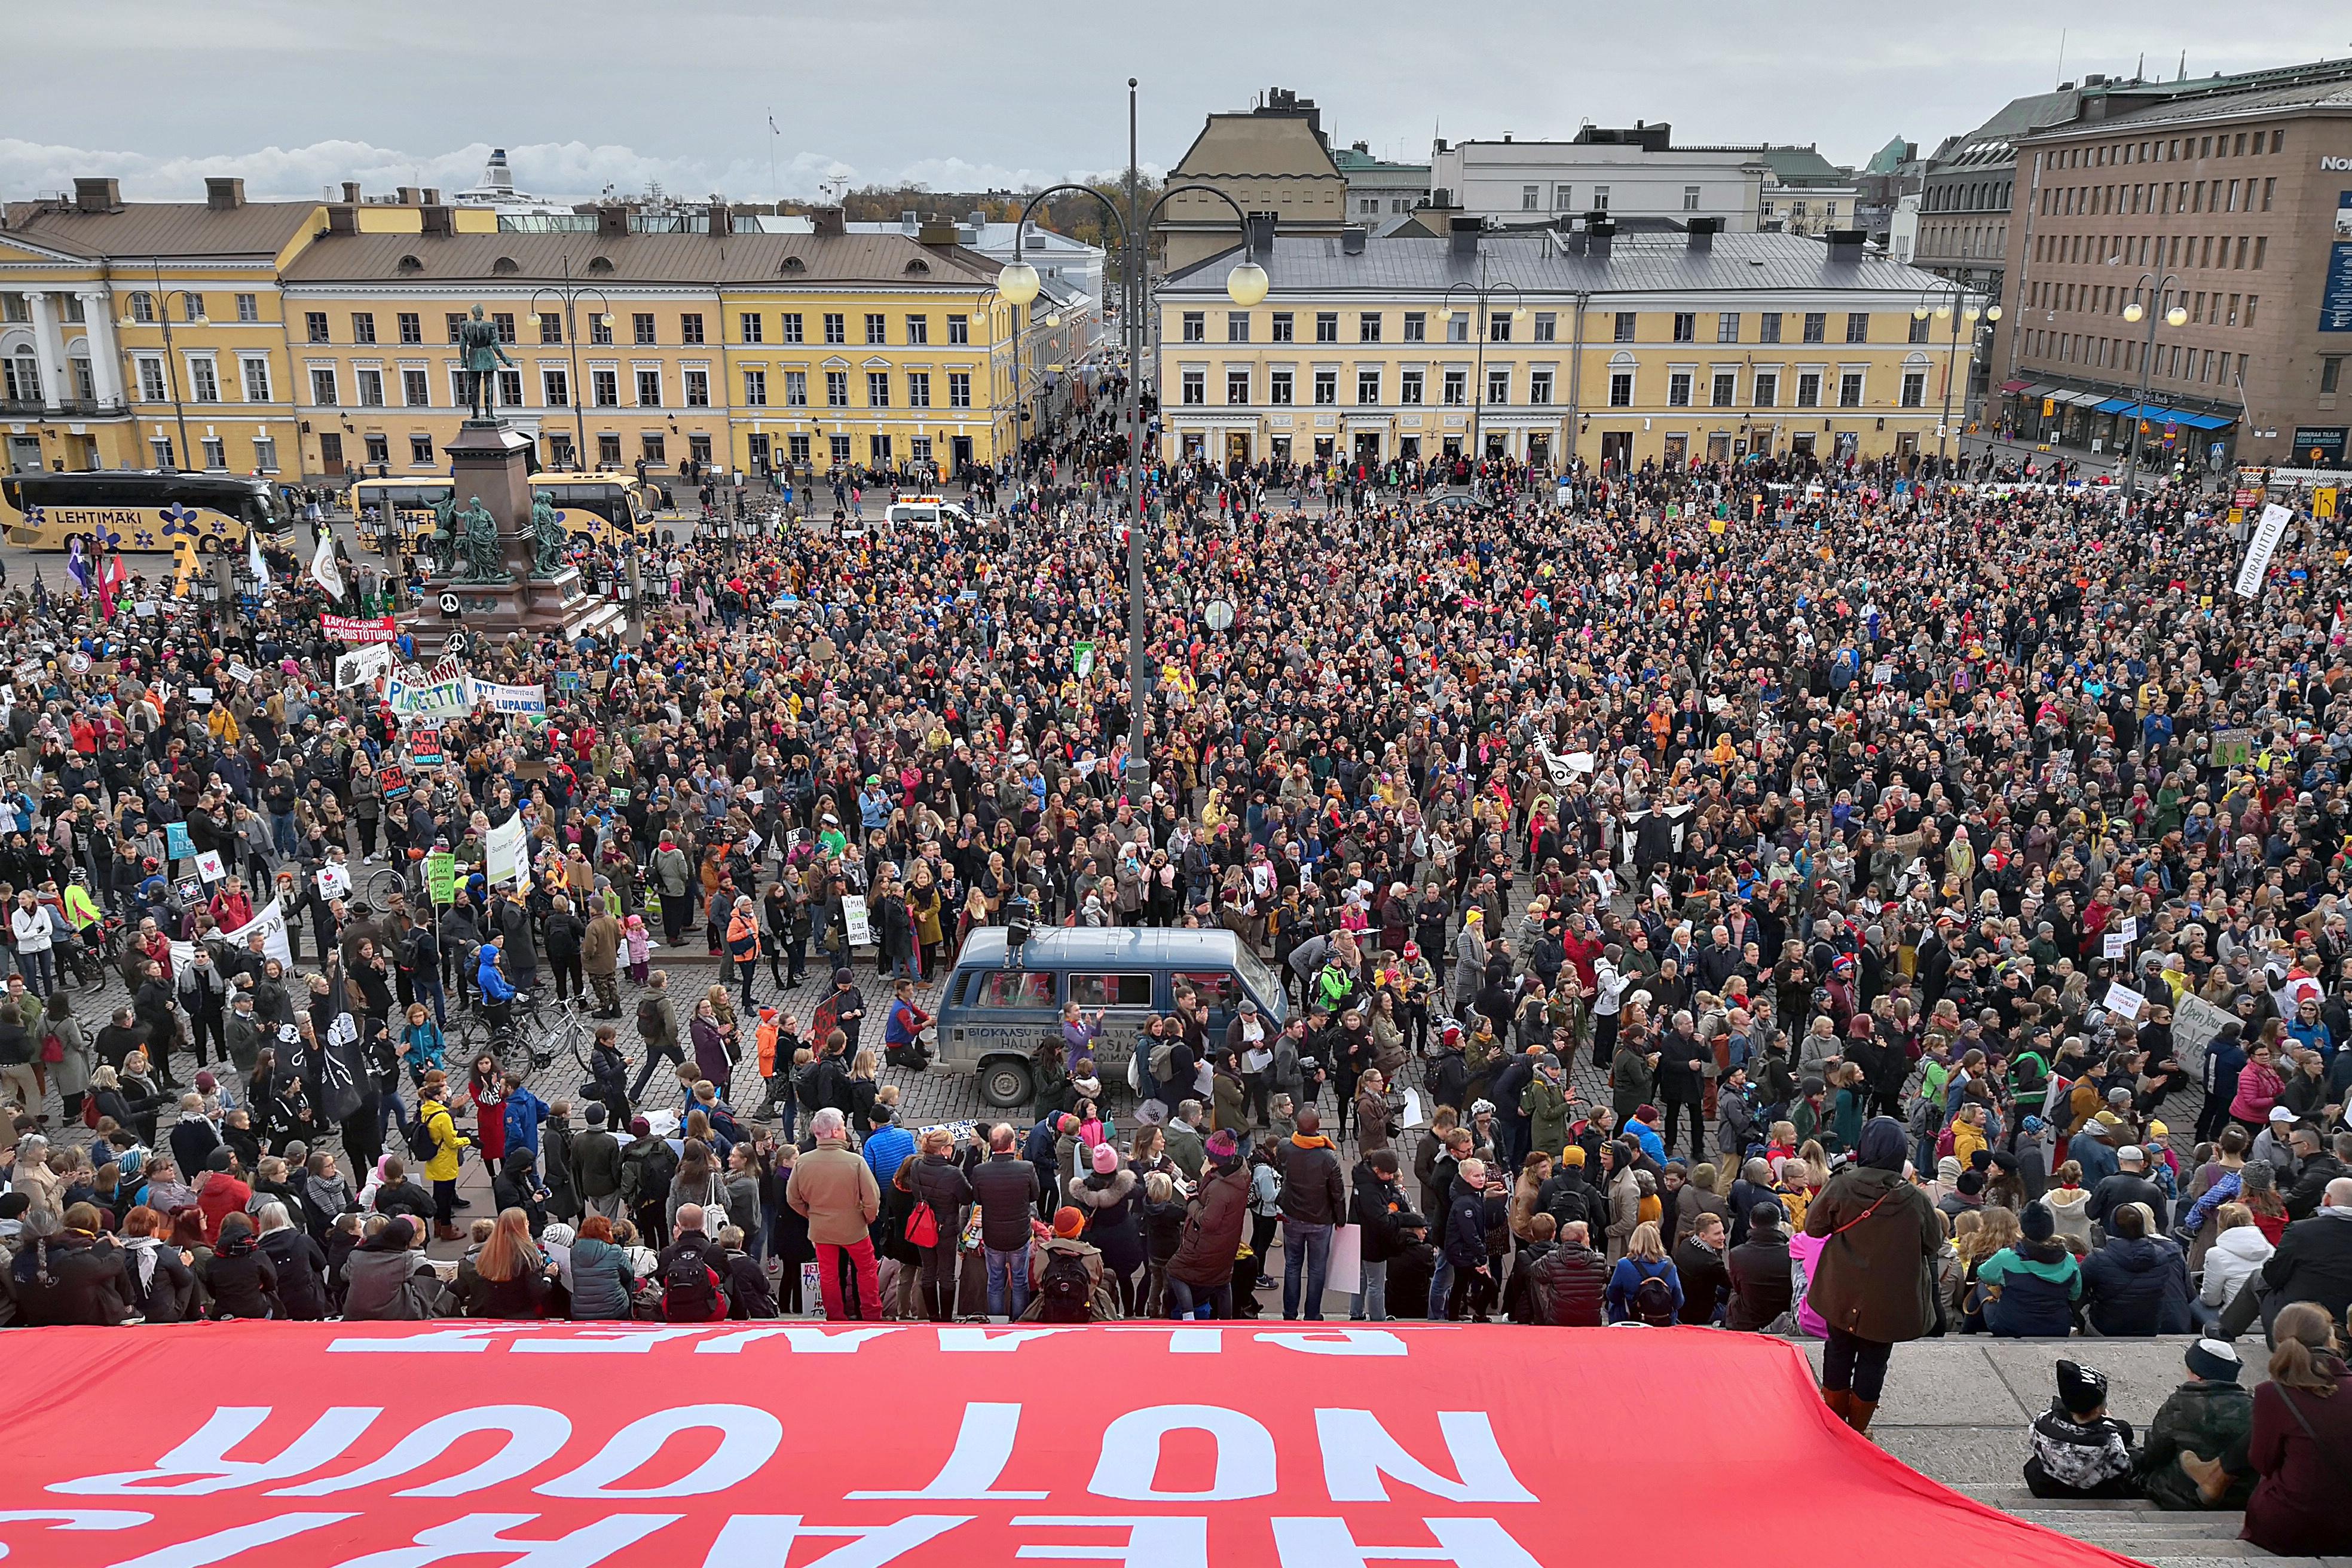 Suuri ihmisjoukko Helsingin Senaatintorilla Ilmastomarssilla. Kuva: Marit Henriksson (CC BY-SA 4.0)